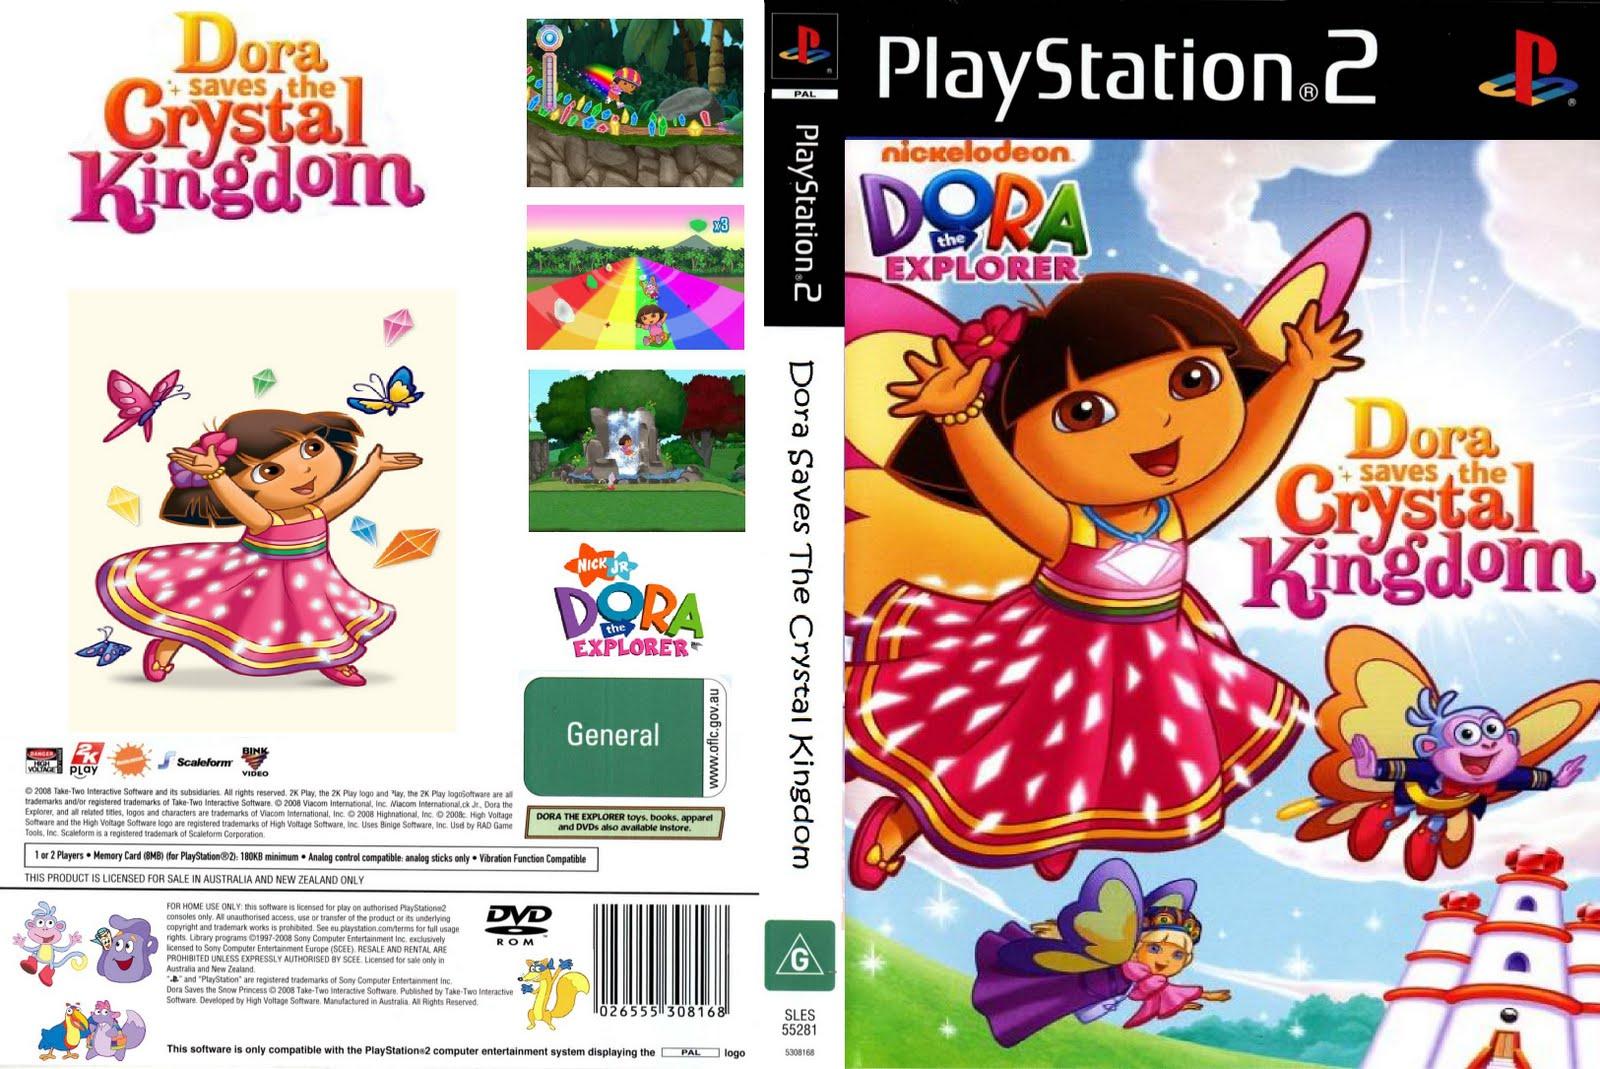 Filmes Prediletos Nota 10 Ps2 Ps2 Dora The Explorer Dora